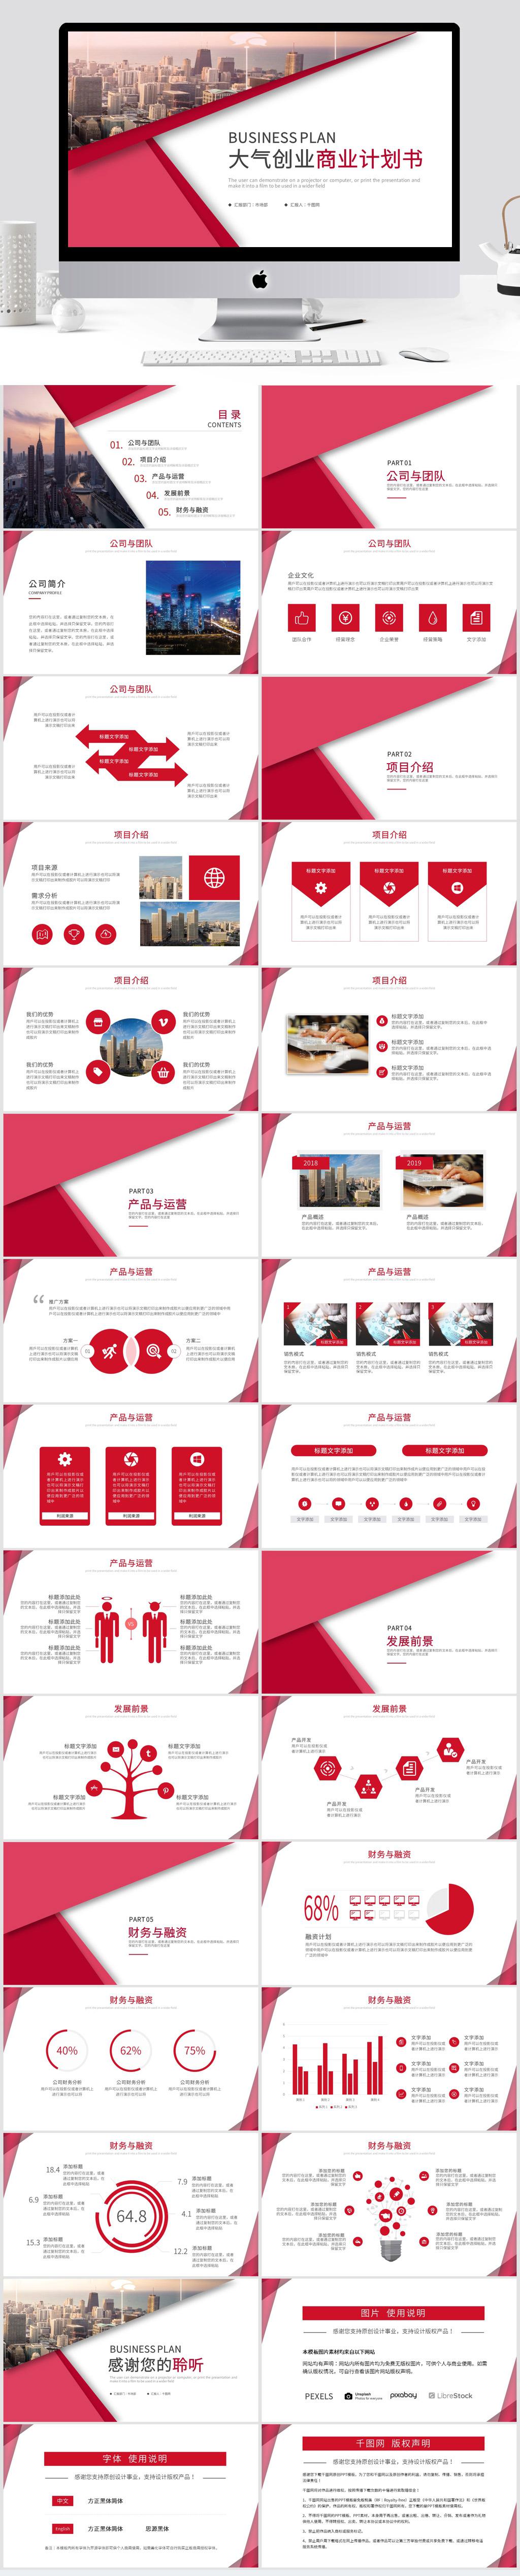 红色互联网商业计划书ppt模板